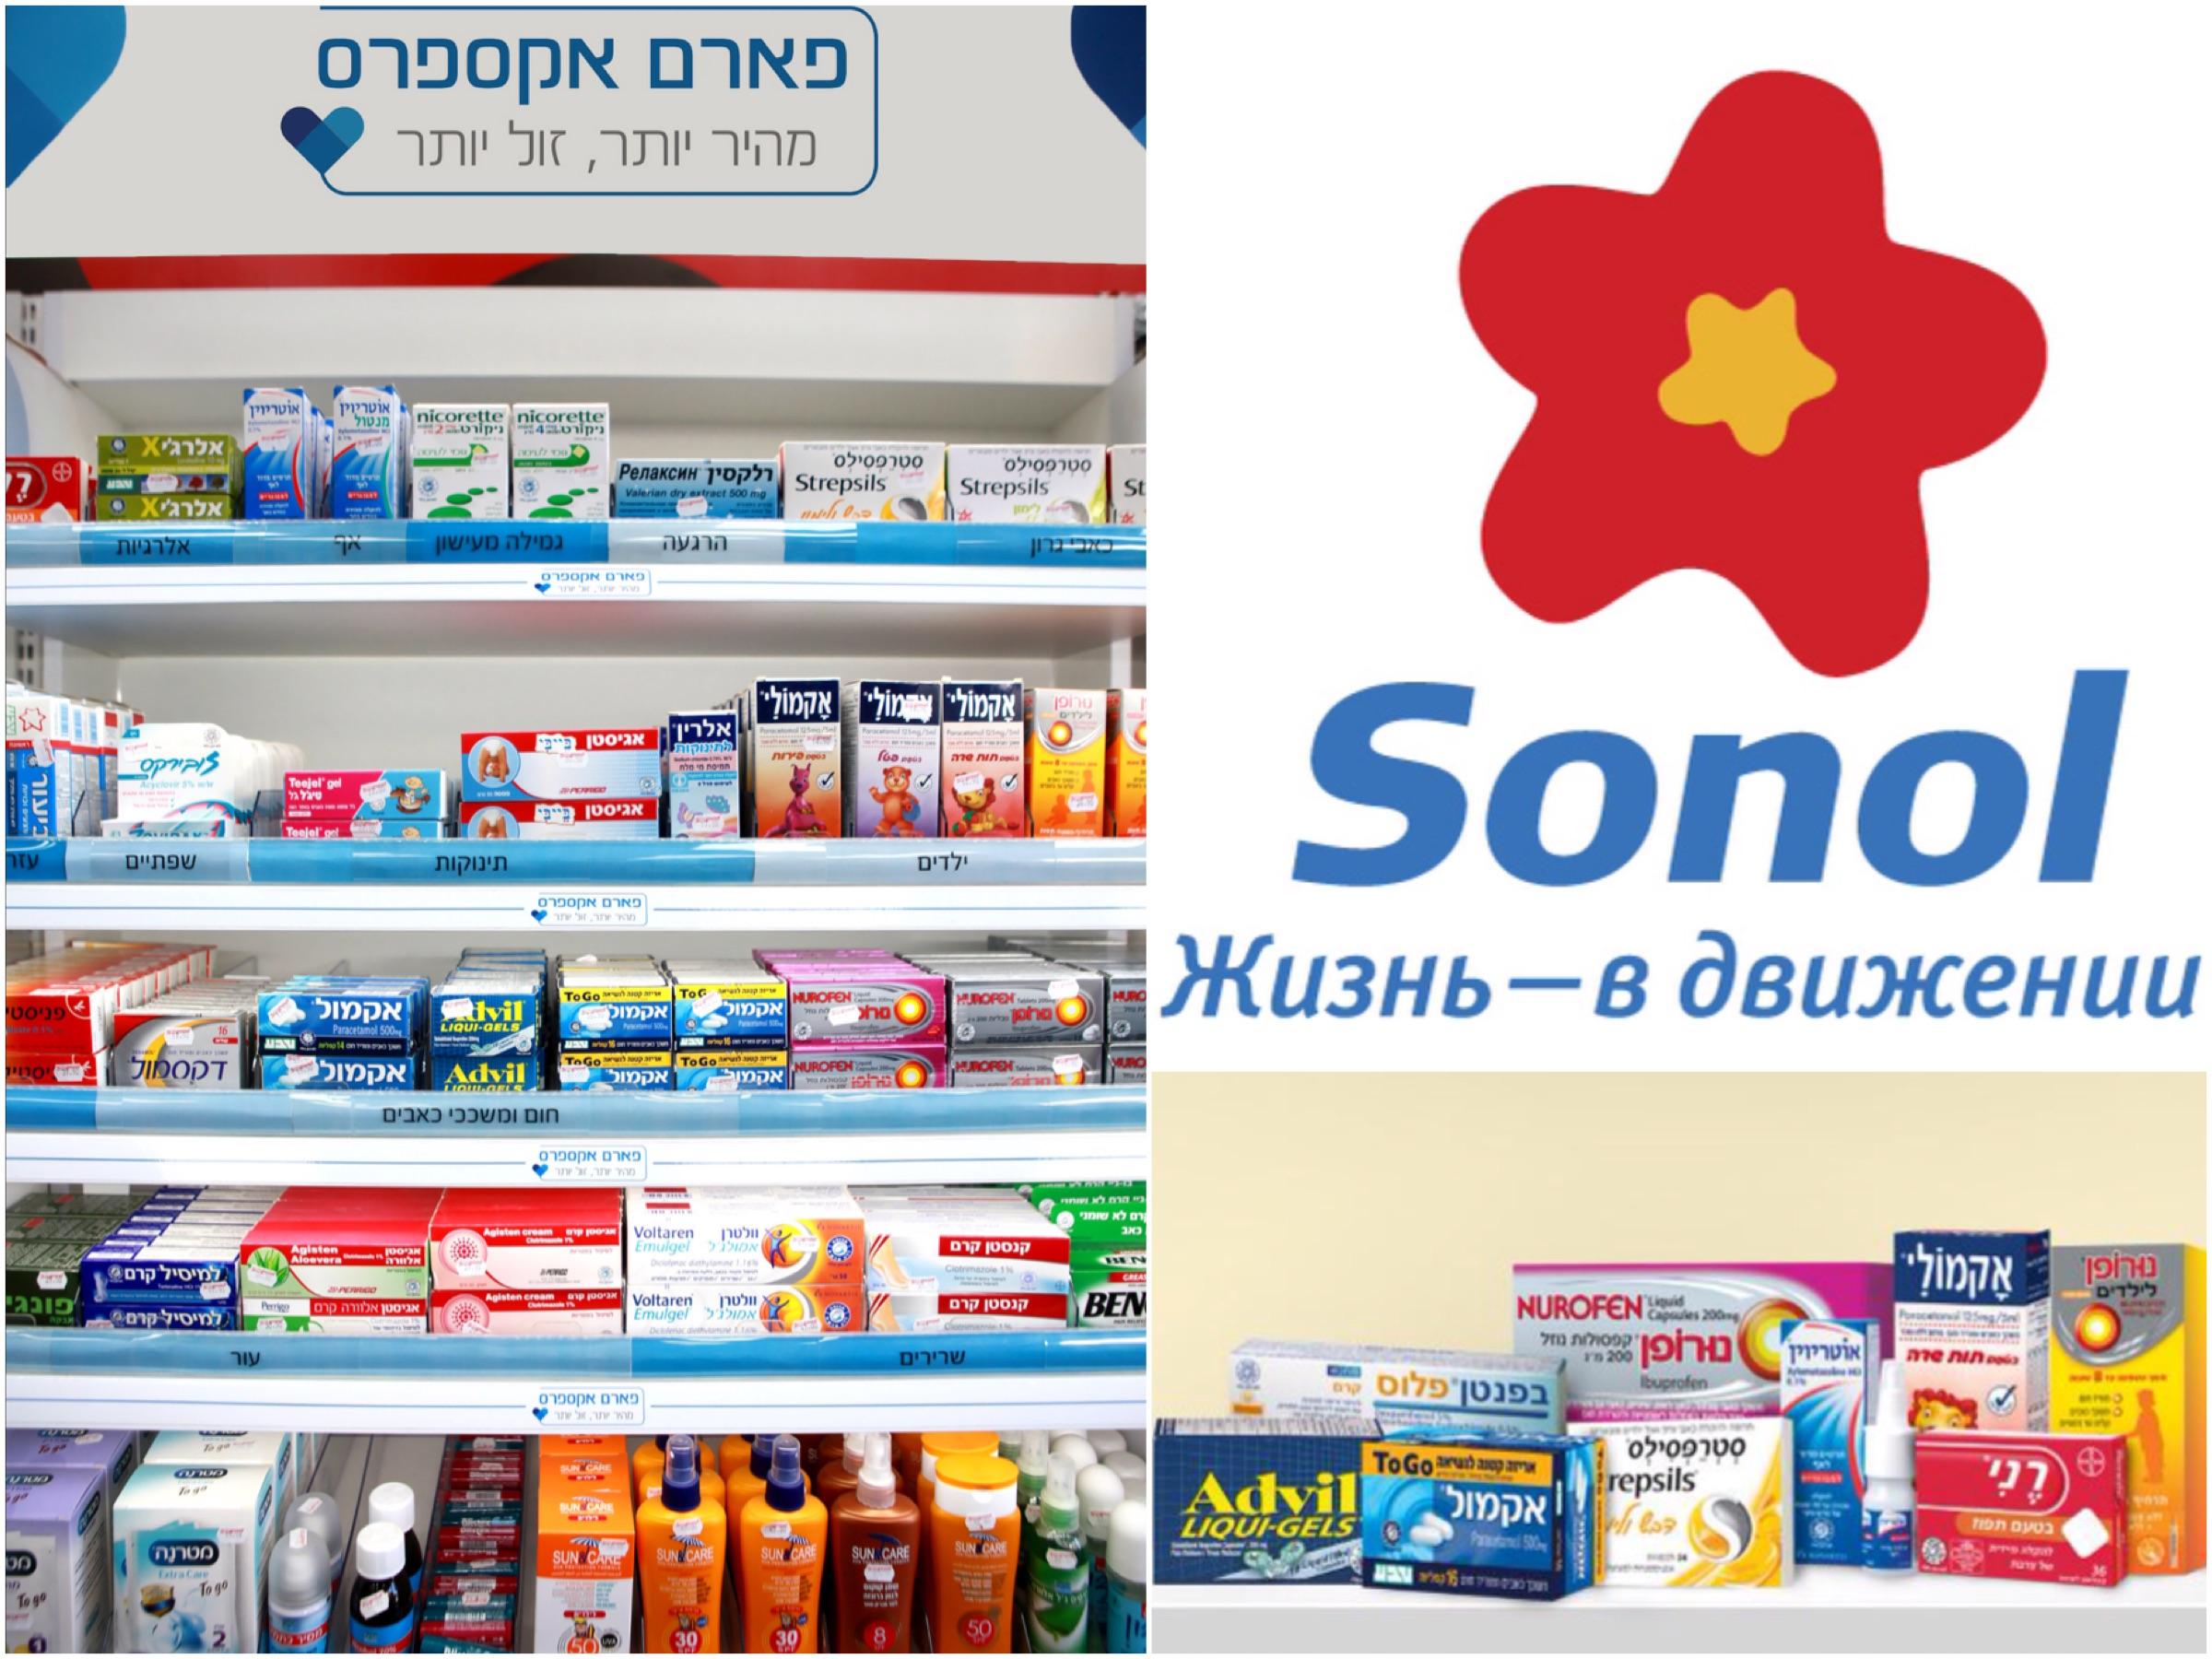 Последнее новшество компании Sonol – фармацевтические средства, которые отпускаются без рецепта